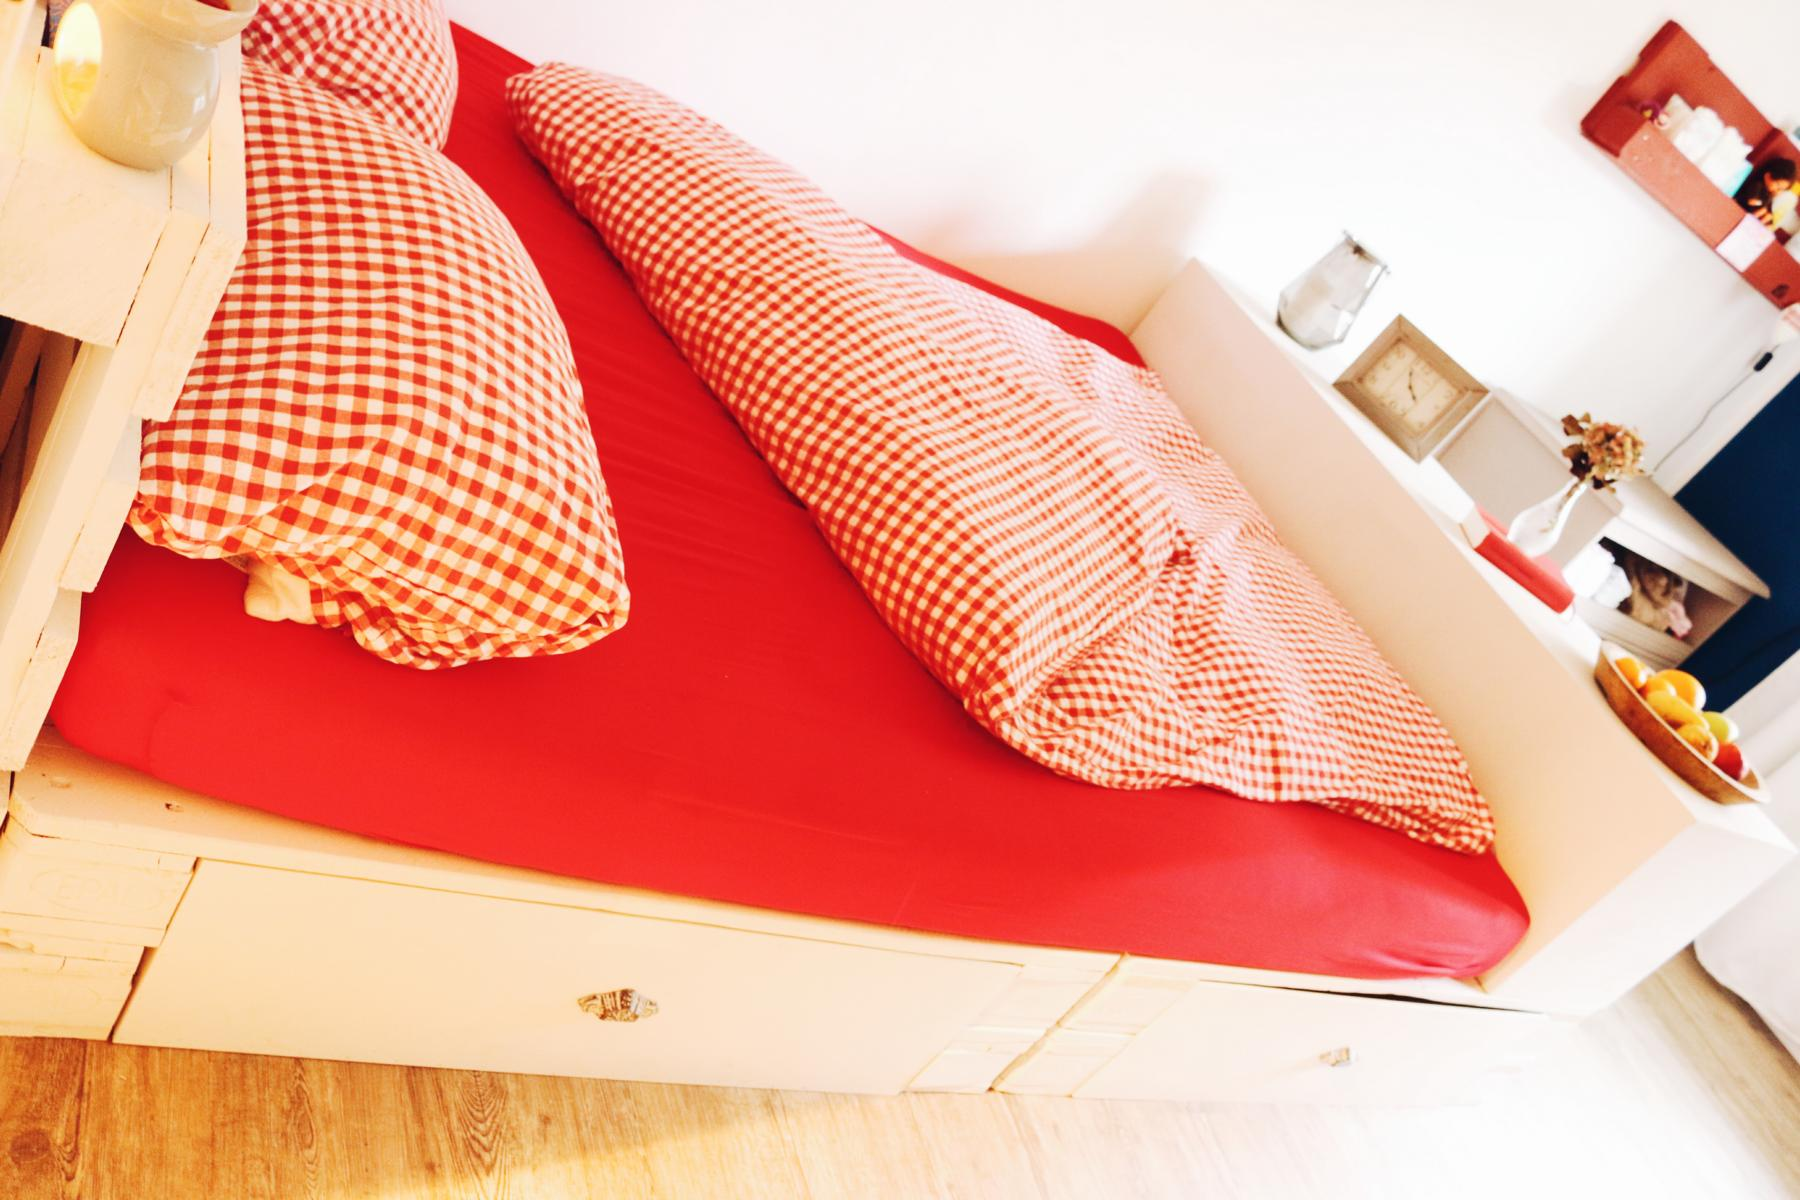 Palettenbett im Schlafzimmer